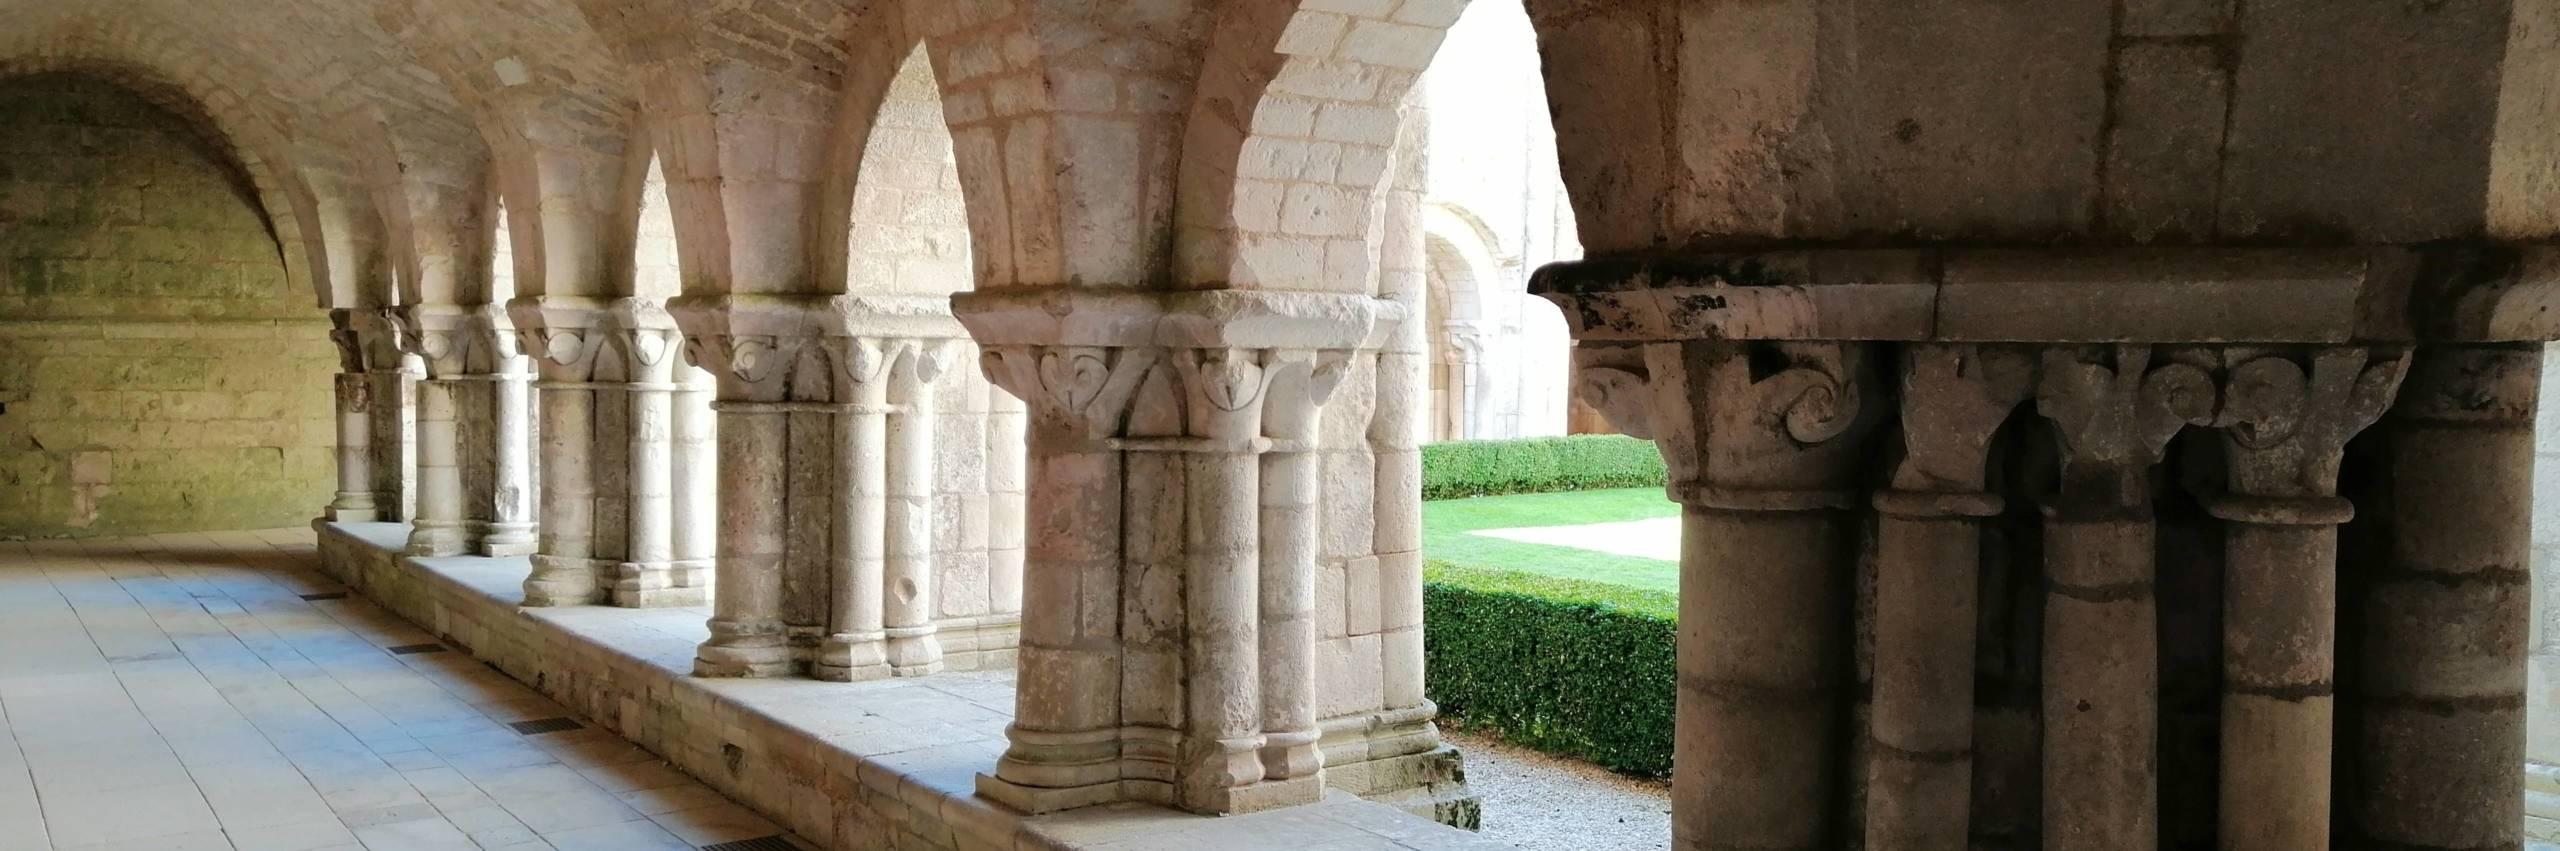 L'abbaye royale de Nieul-sur-l'Autise, un trésor au cœur du Marais poitevin